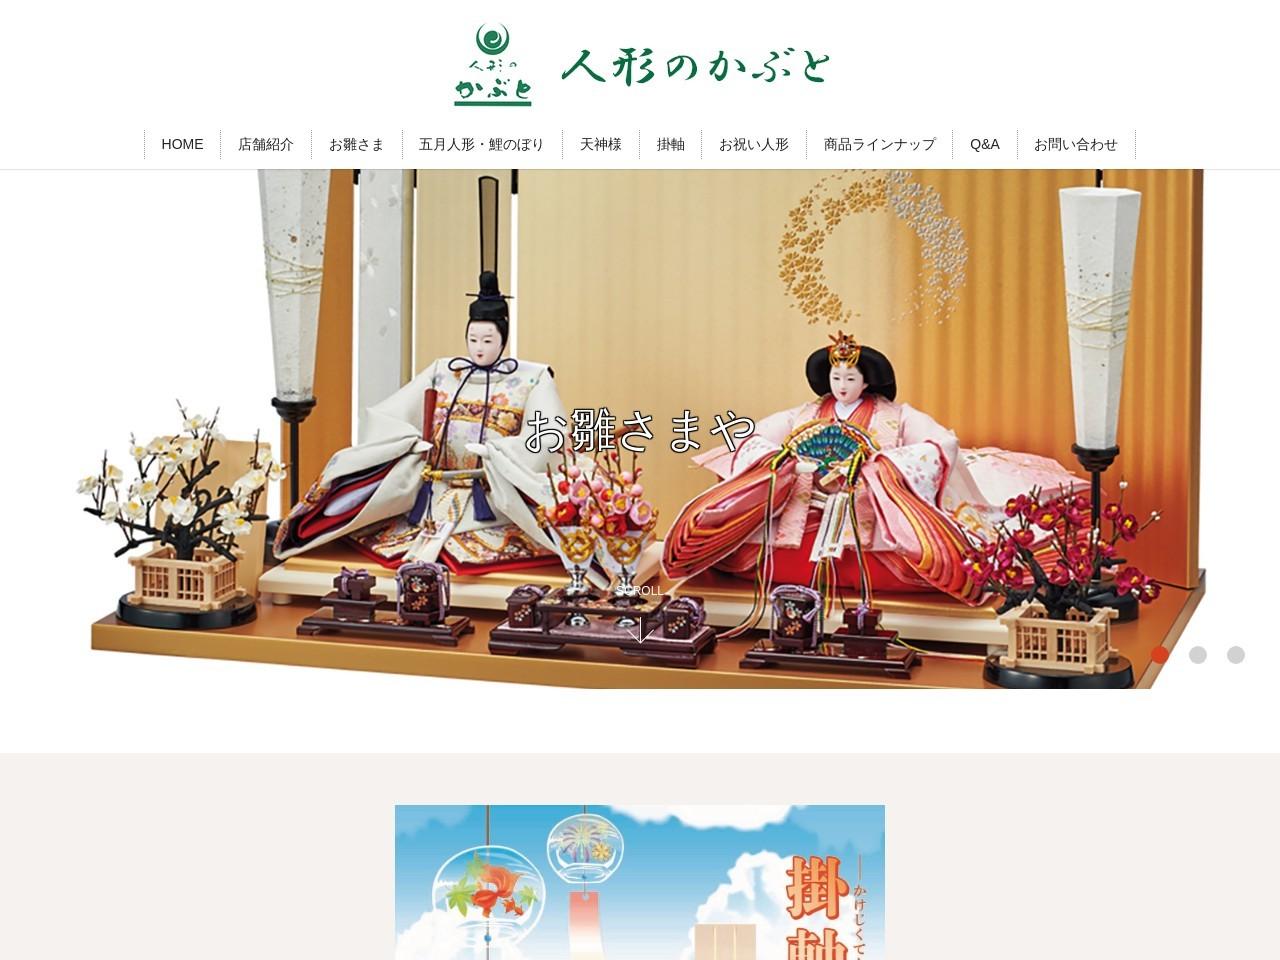 天神様・雛人形・五月人形 人形のかぶと 福井の節句人形専門店